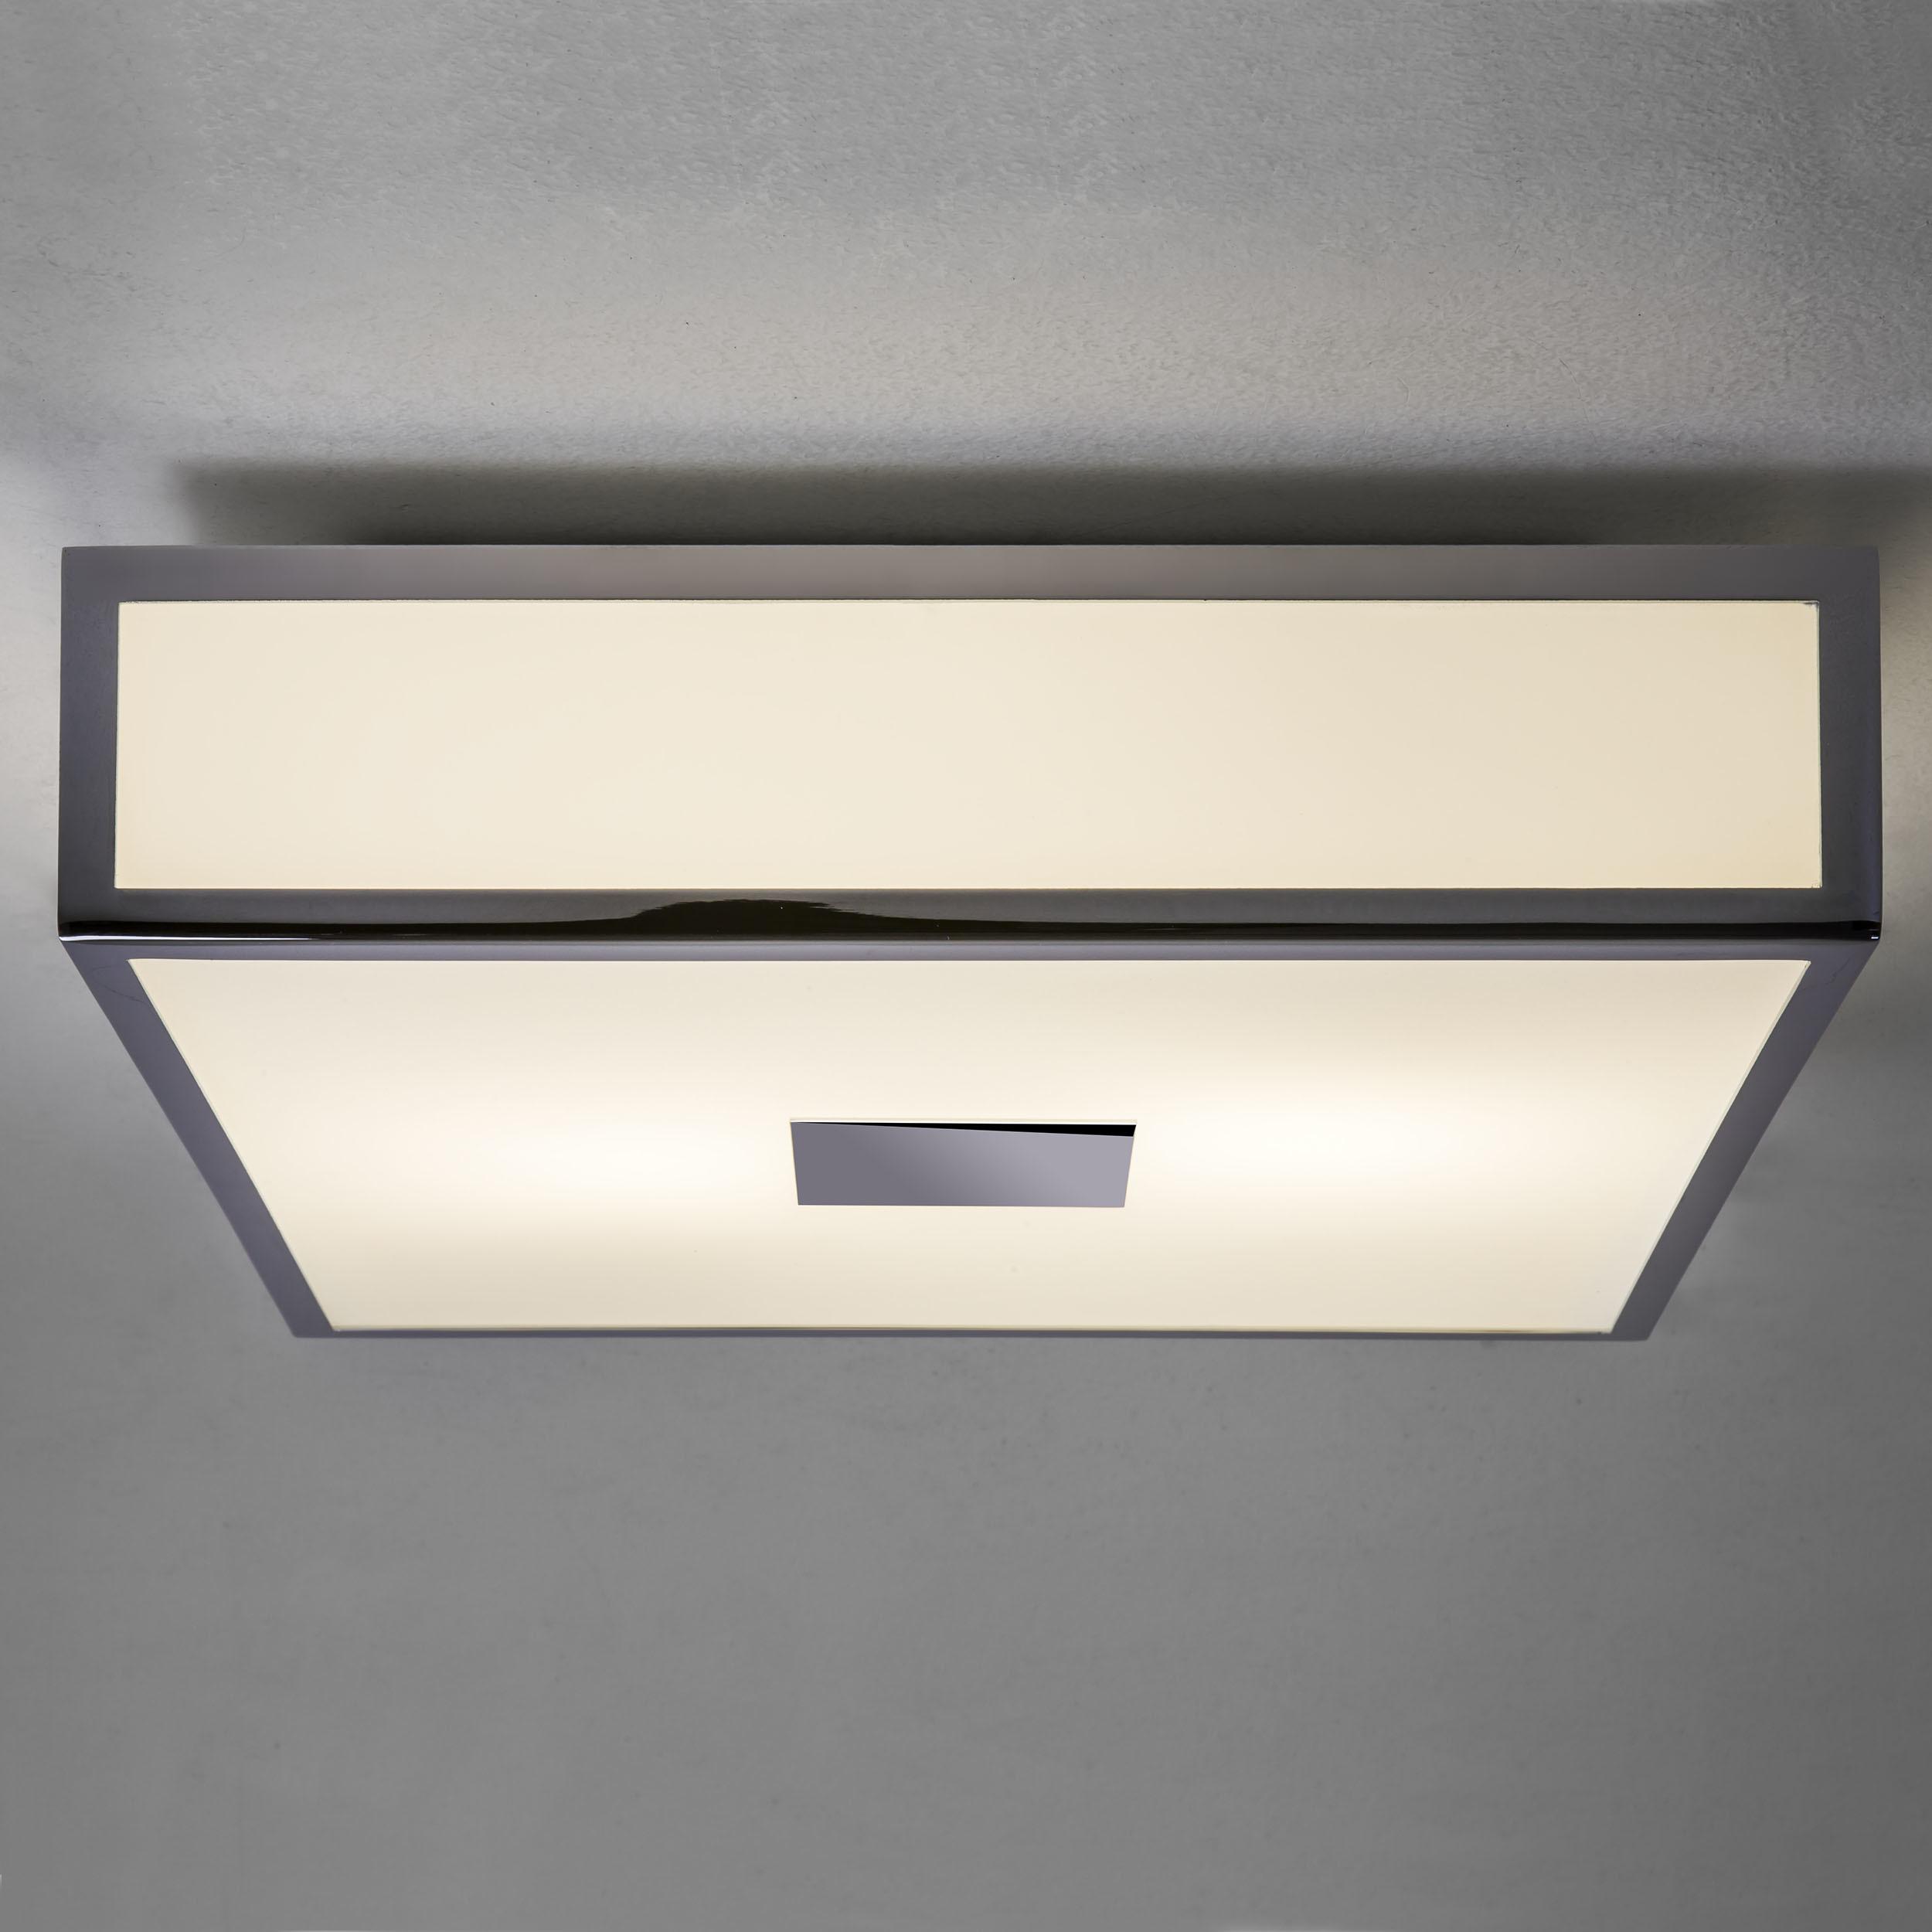 Потолочный светодиодный светильник Astro Mashiko LED 1121040 (7942), IP44, LED 15,9W 2700K 981lm CRI>80, хром, белый, металл, стекло - фото 1